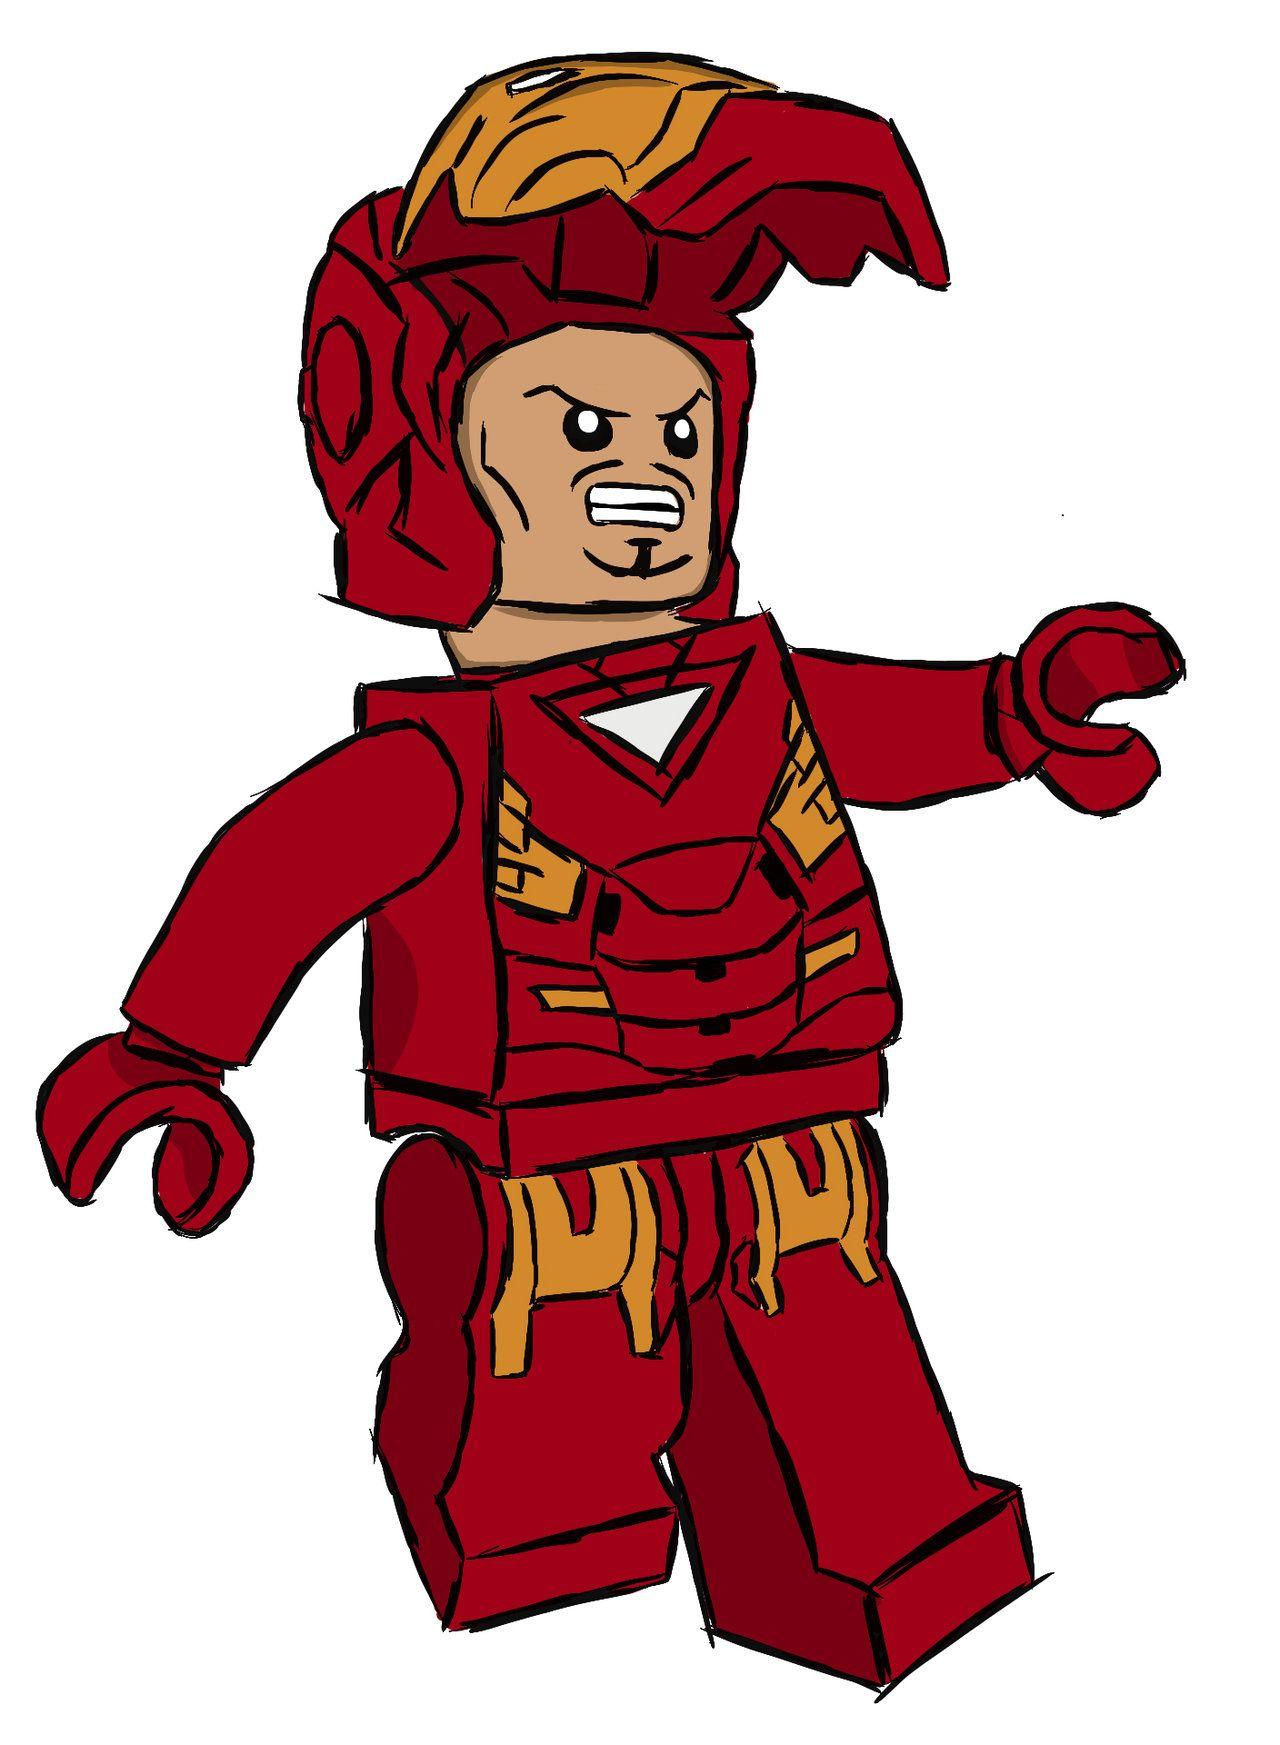 Lego iron man animation